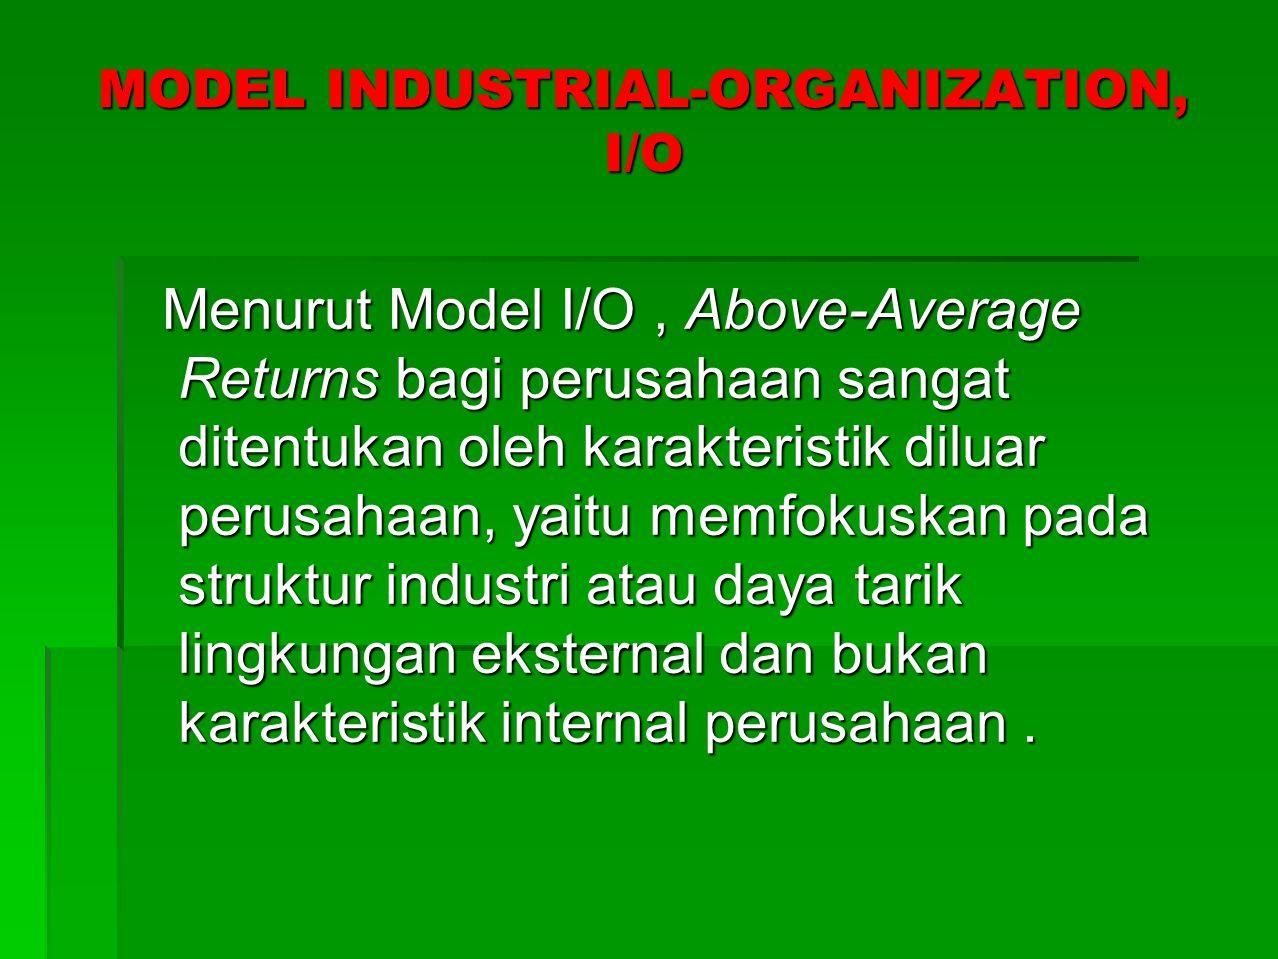 TAHAPAN MODEL INDUSTRIAL- ORGANIZATION, I/O UNTUK MENDAPATKAN Above-Average Returns  Pelajari lingkungn Ekternal terutama lingkungan umum, industri dan kompetitif.